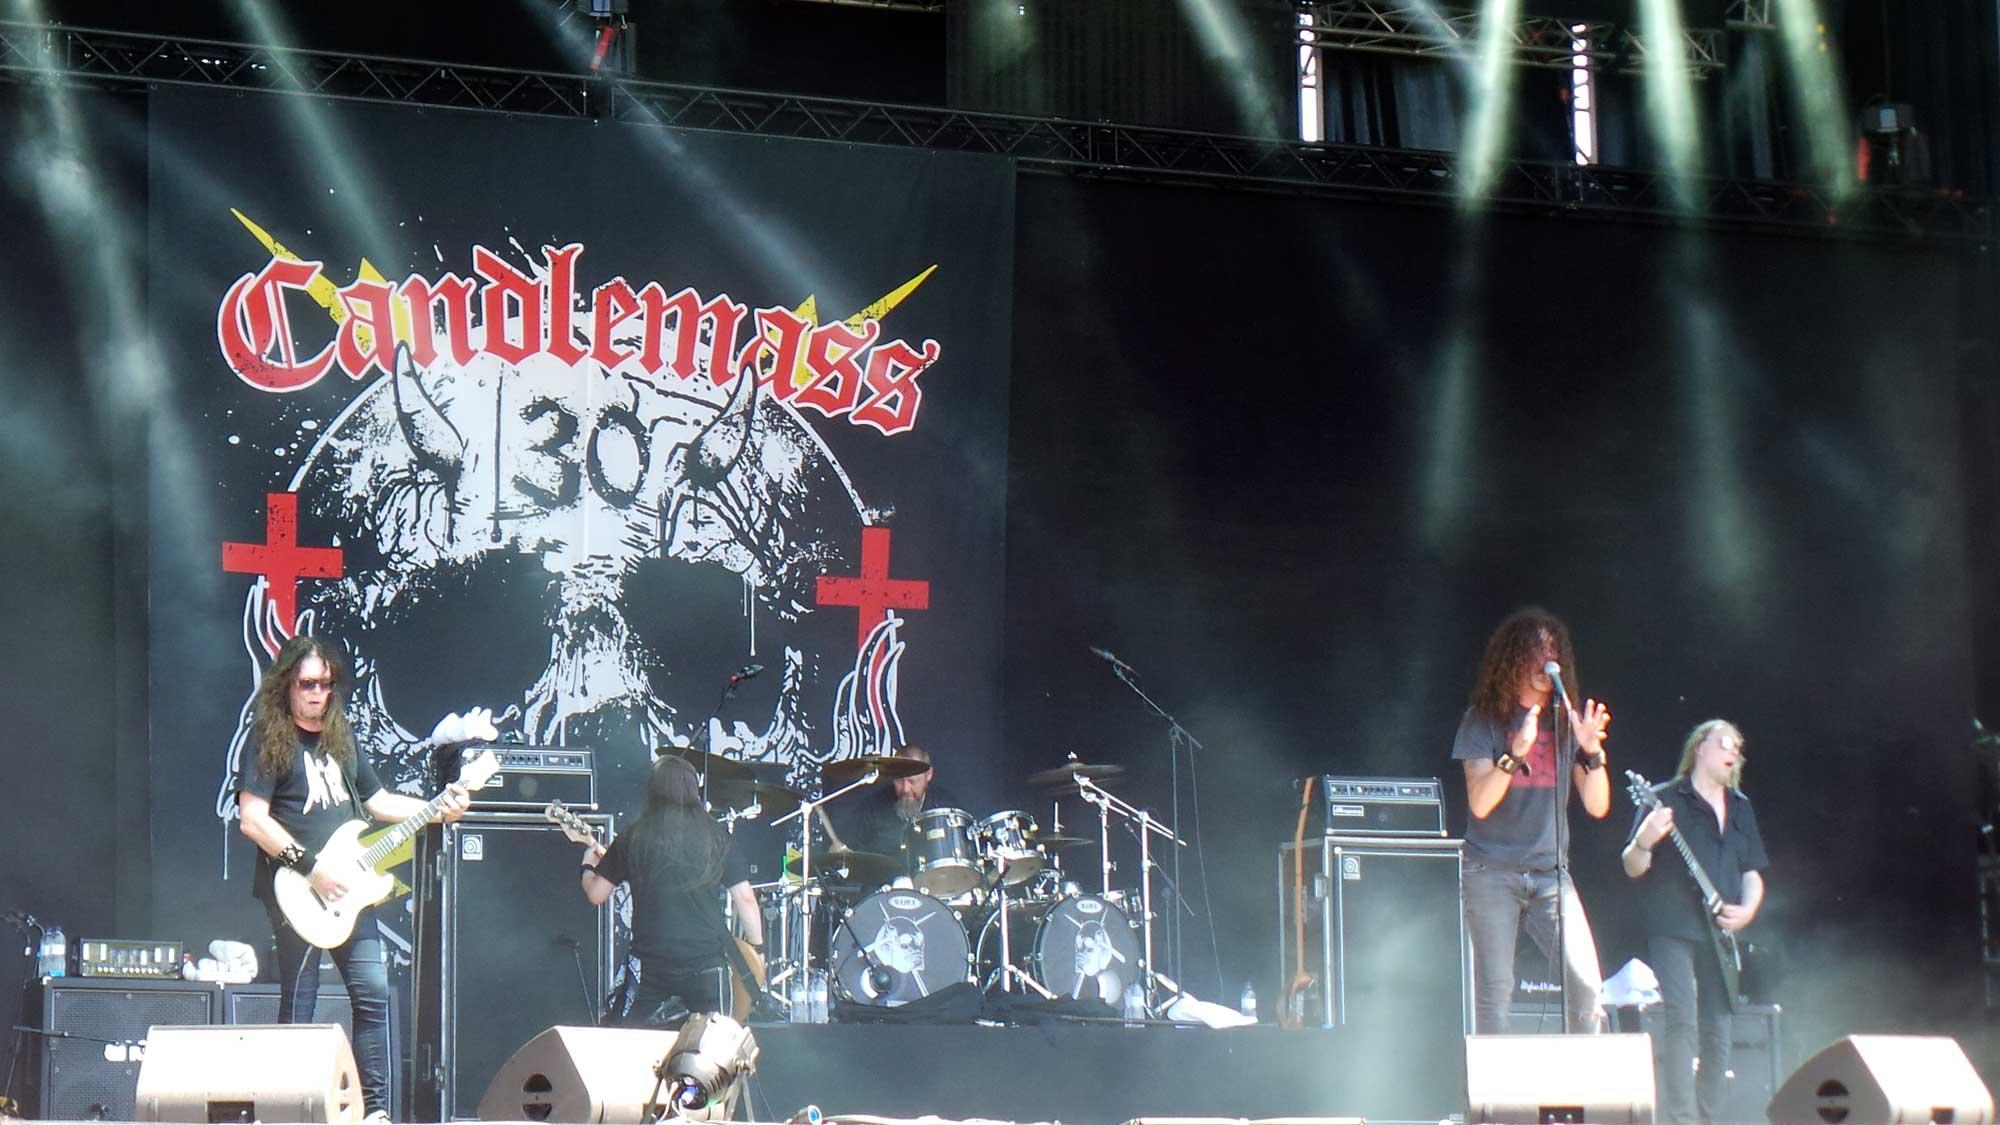 El grup de doom metal Candlemass, actuant al Rock Fest 2016 a Santa Coloma de Gramenet.